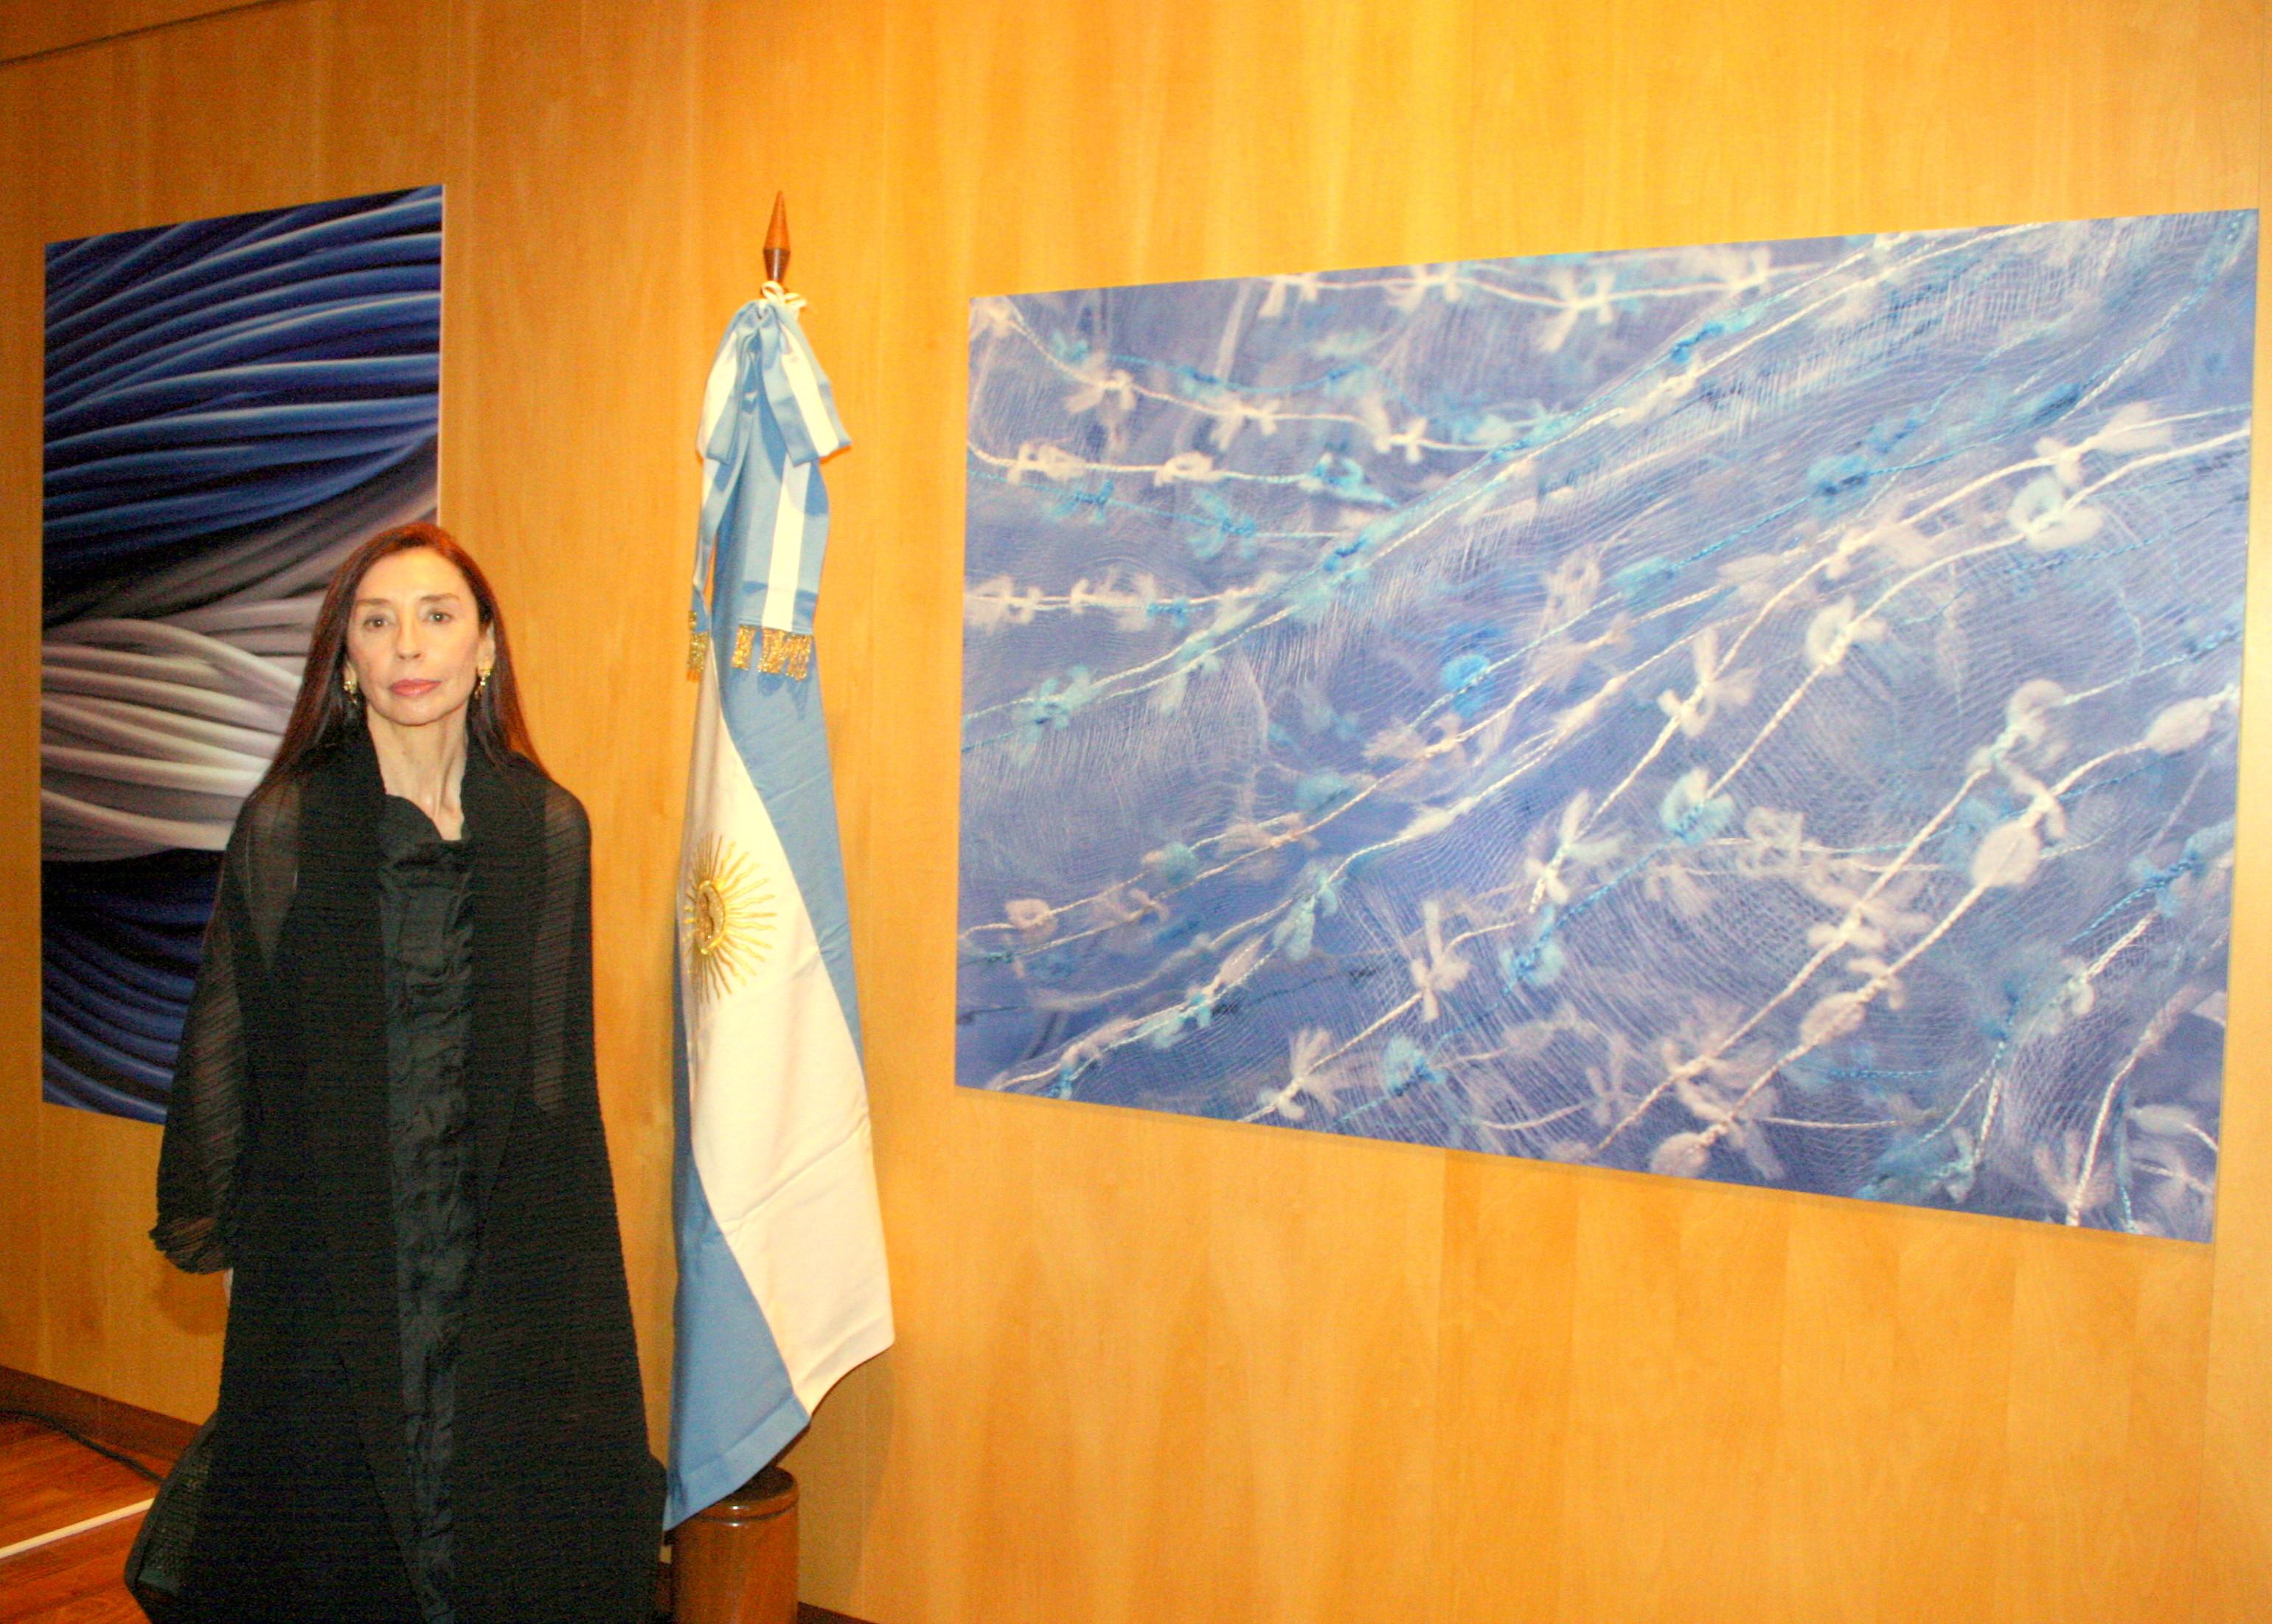 CELESTE Y BLANCO (LA PATRIA ENCONTRADA) - Brasilia 2012